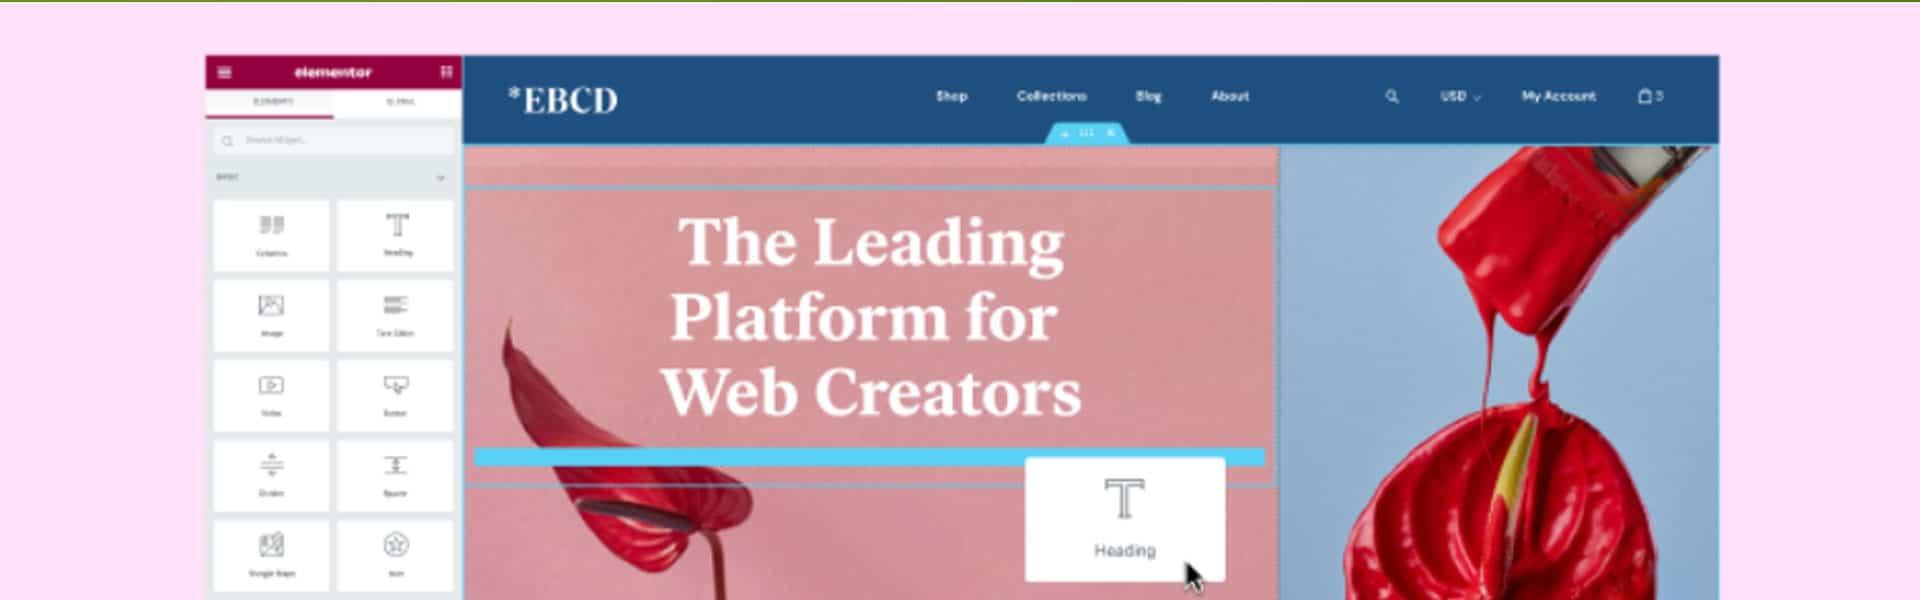 Gli 11 migliori plugin per WordPress per far volare il tuo sito web - Italy Swag  agenzia web, grafica e social a Bari